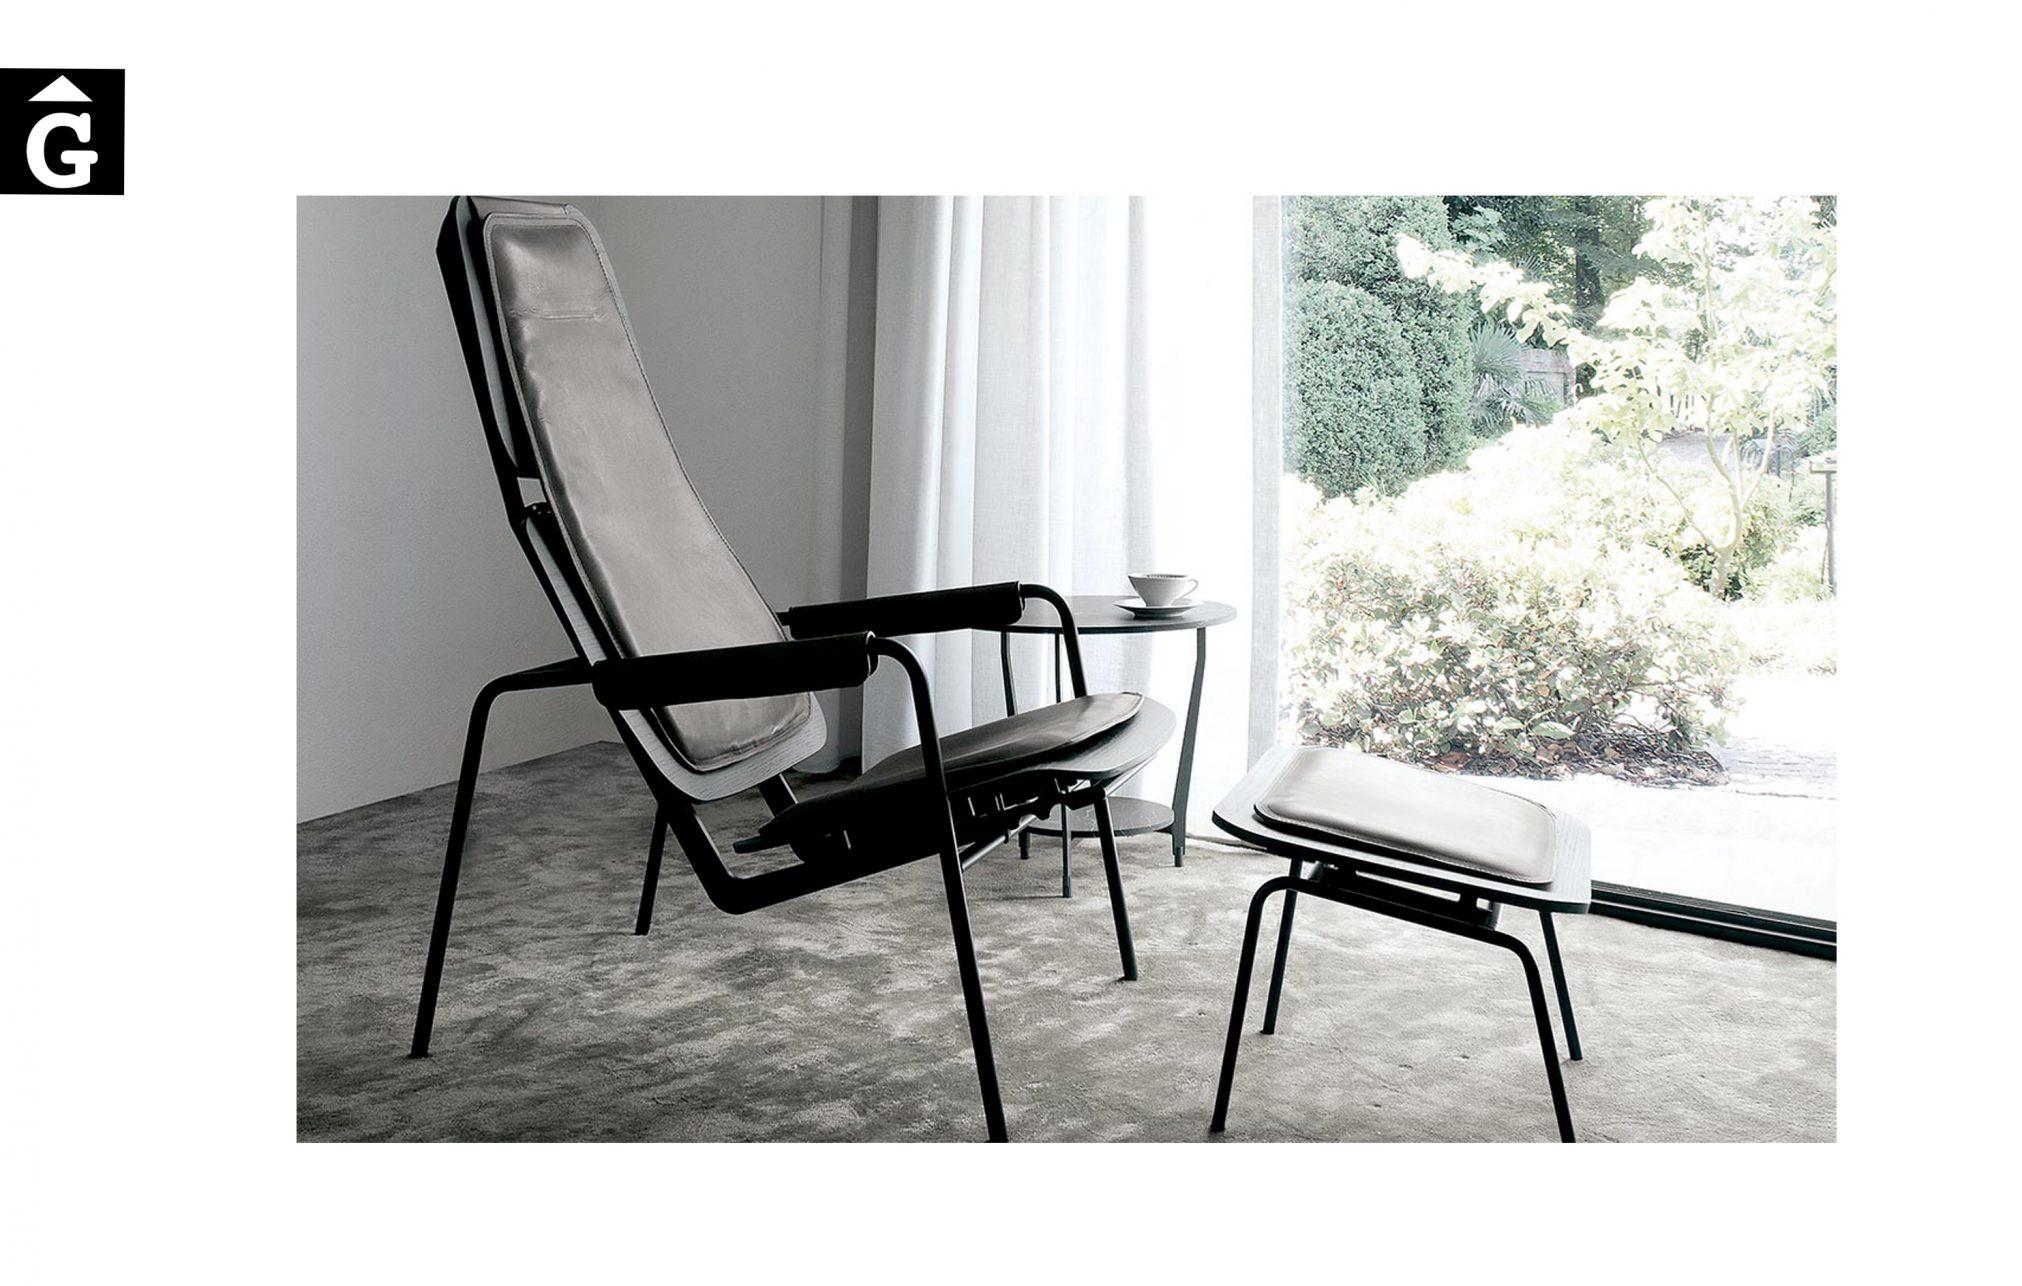 Butaca Viking GL disseny industrial atractiu pràctica Extendo Design Source by mobles Gifreu botiga elements interiors